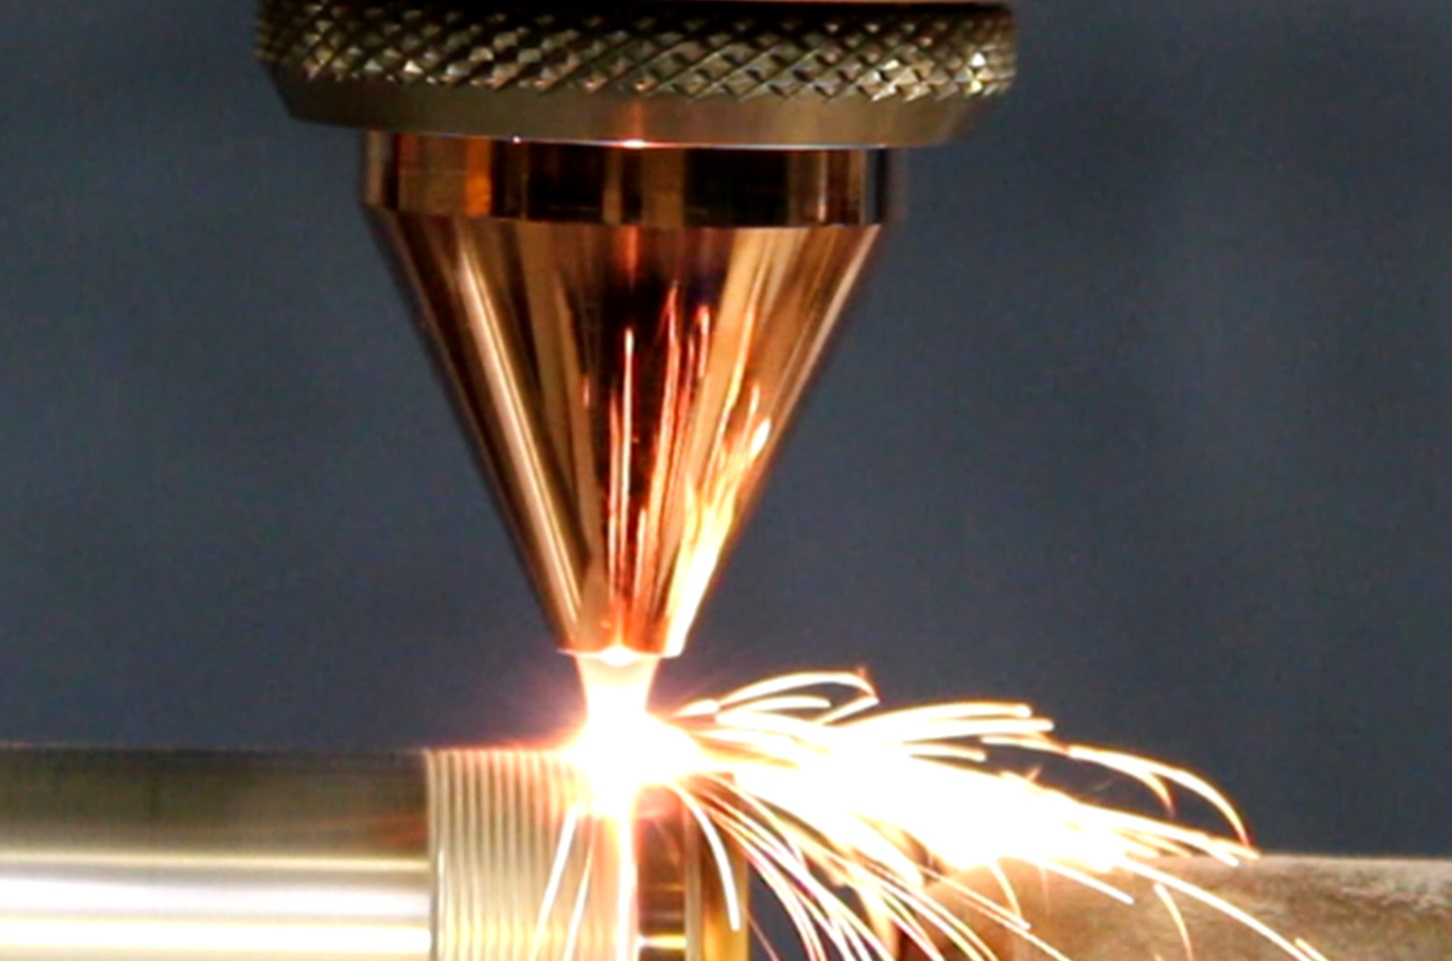 Snelle schakelaar sluit poedergasstroom lasercladden af binnen 200 ms